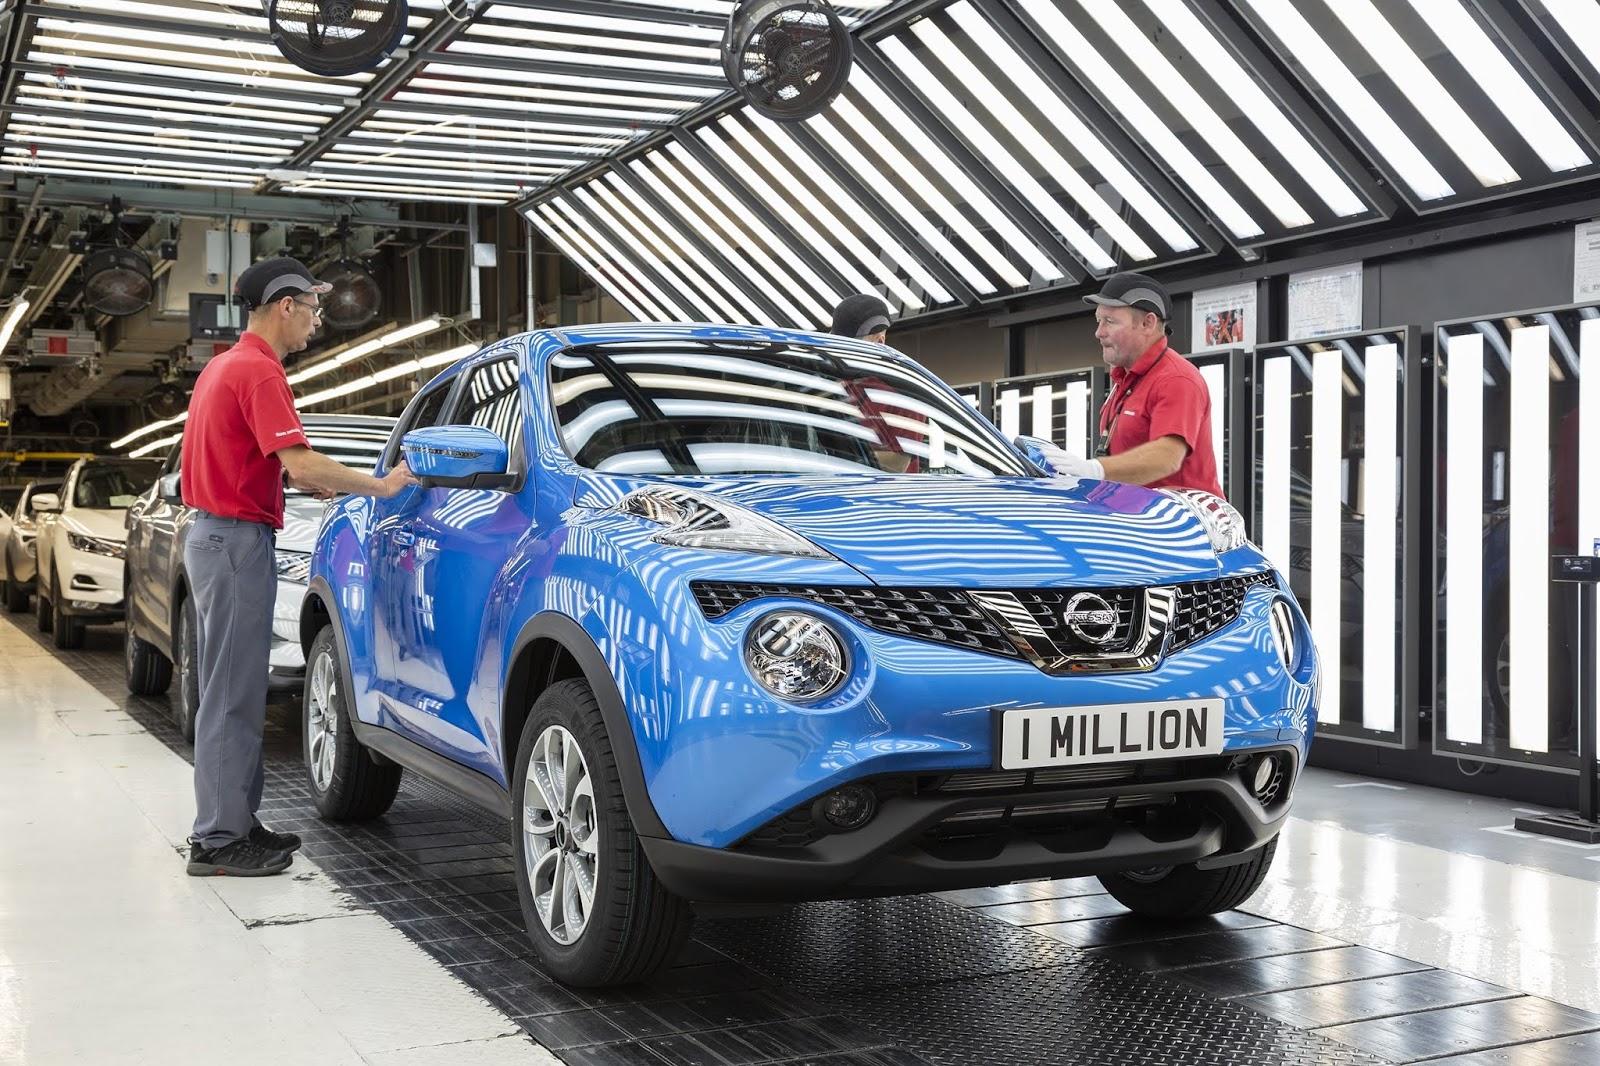 Το εκατομμυριοστό JUKE, εξήλθε της παραγωγής από το εργοστάσιο της Nissan στο Sunderland